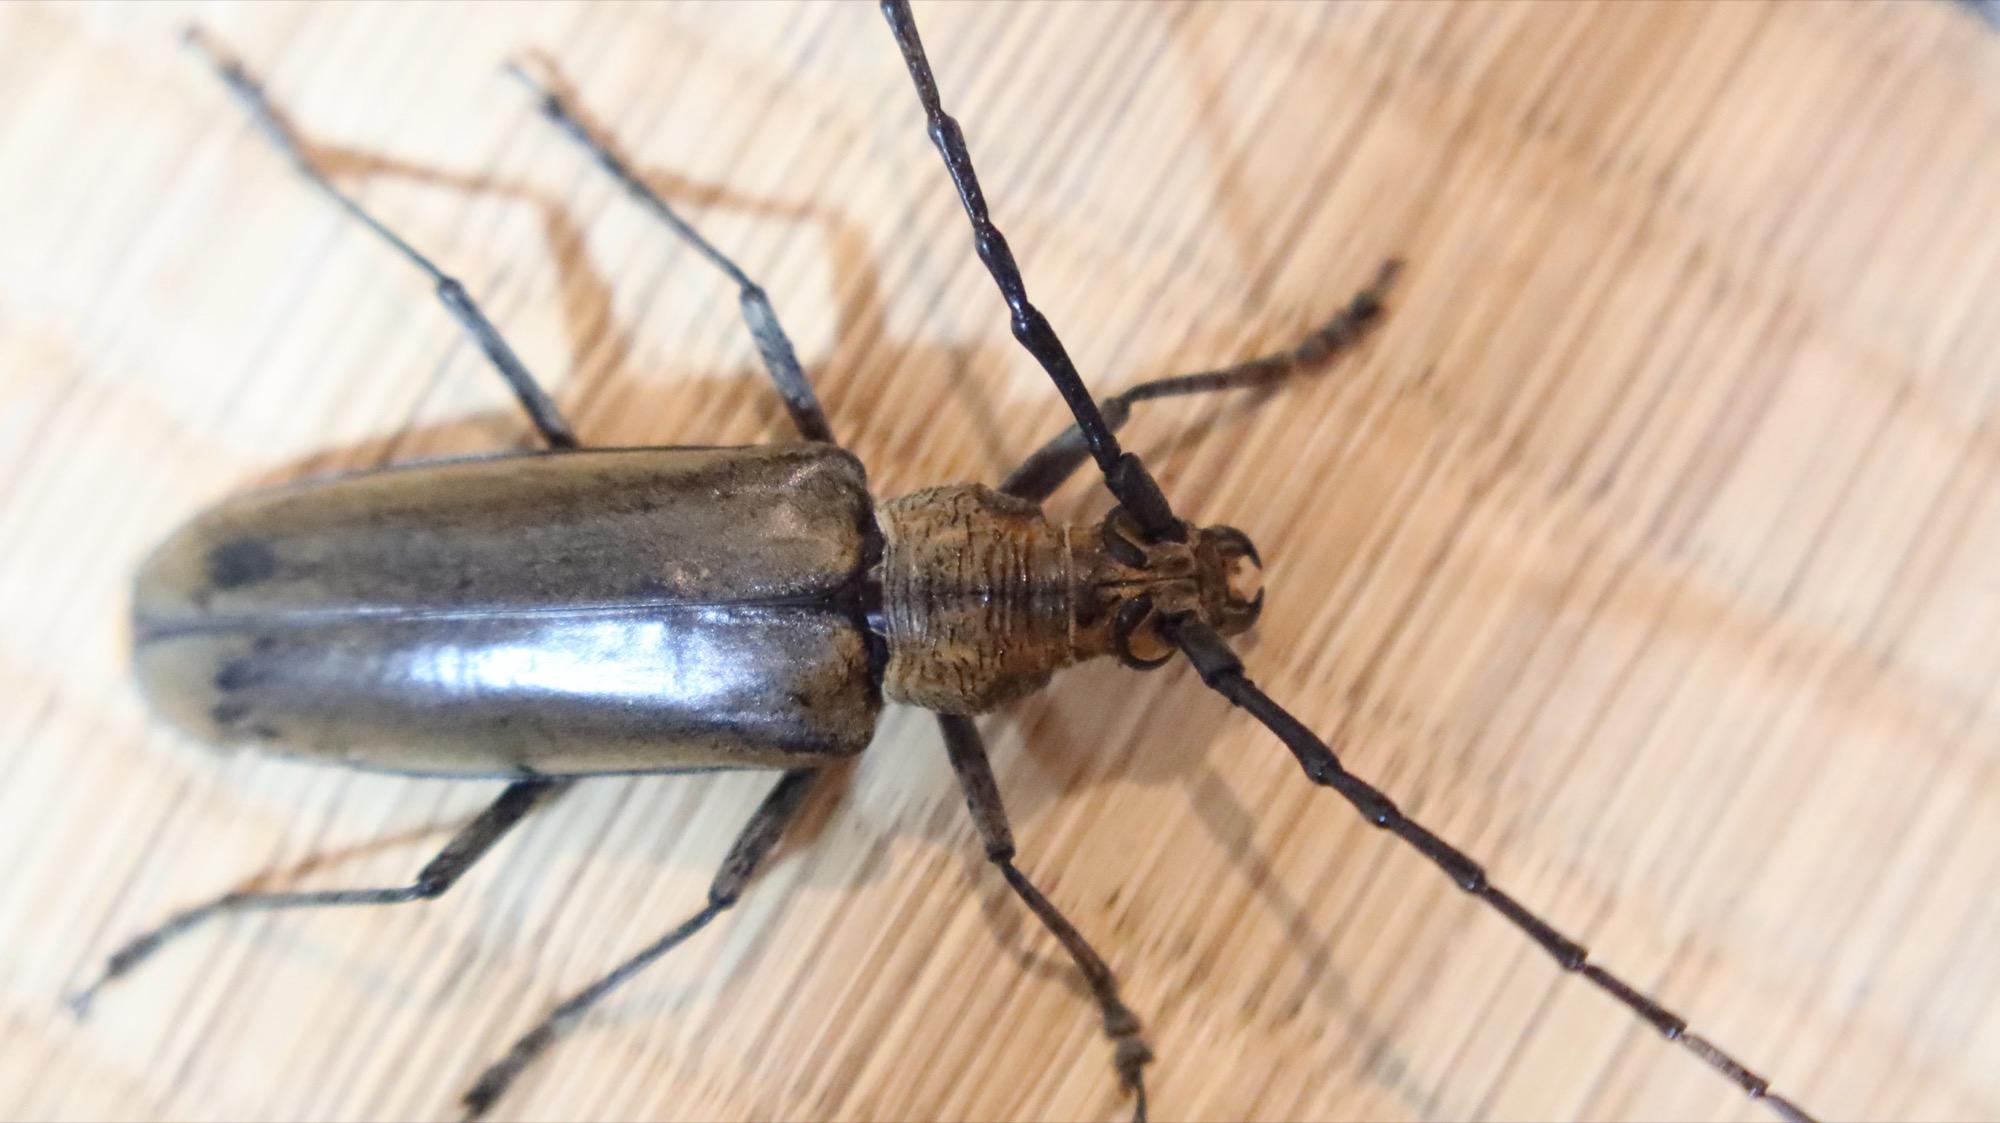 カミキリムシー昆虫採集ができる宿(岩寿荘)でクワガタをとった(東海)